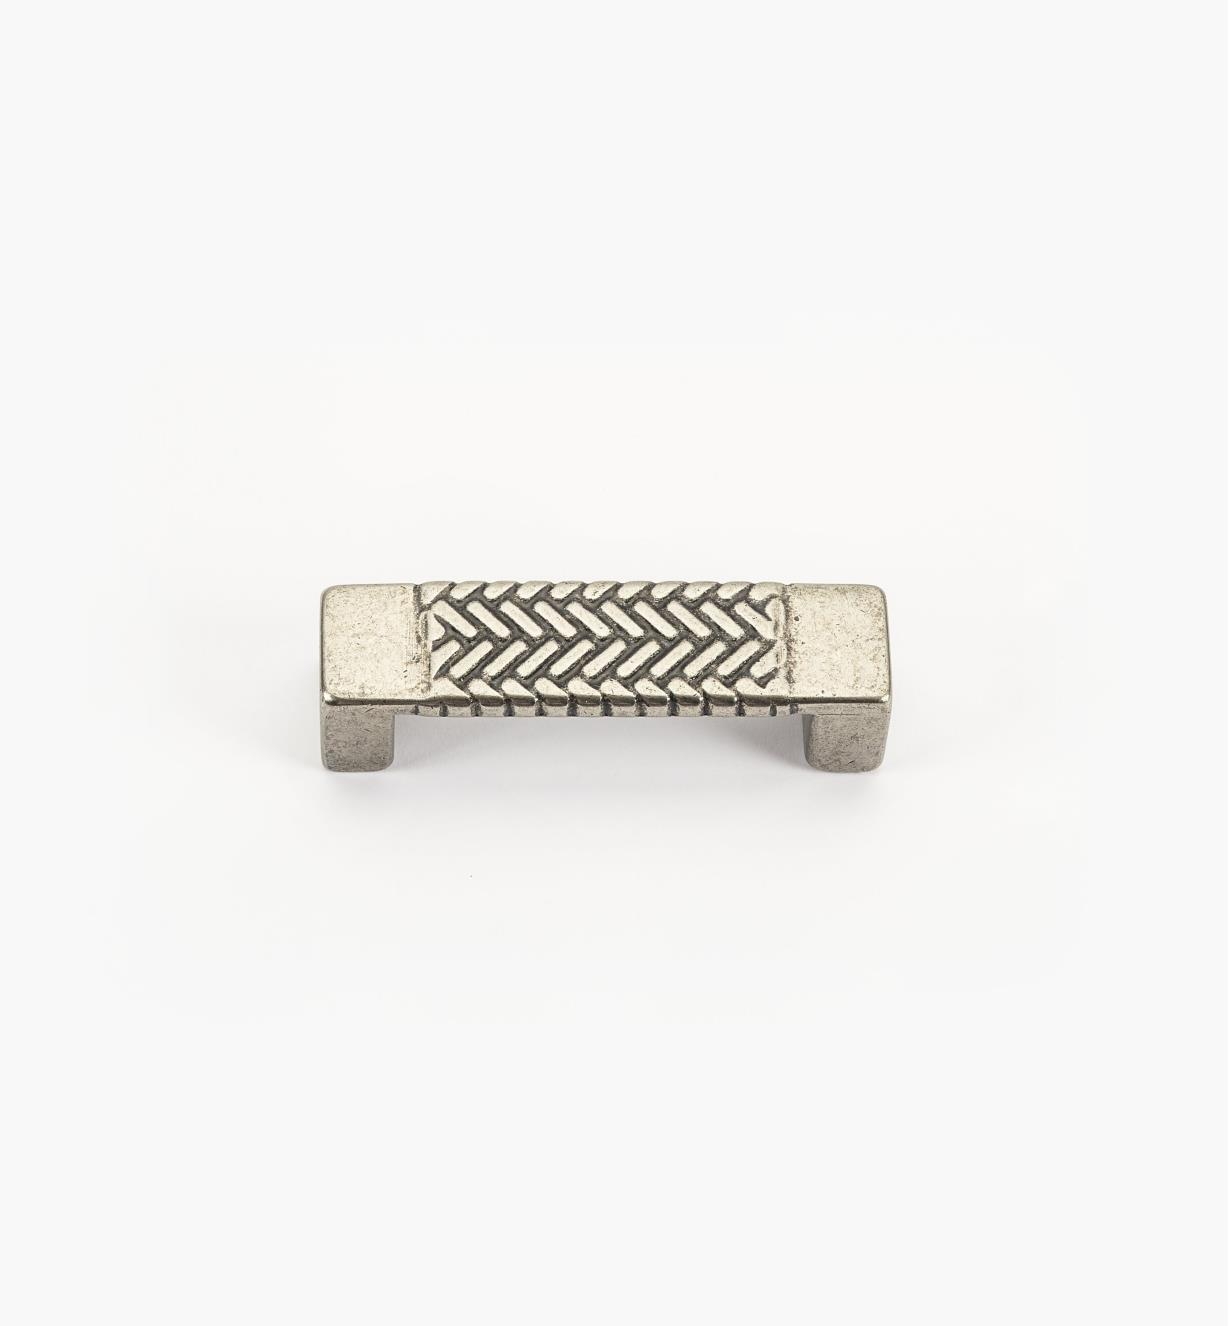 01G1952 - Poignée à chevrons, fini argent antique, 73 mm (64 mm)